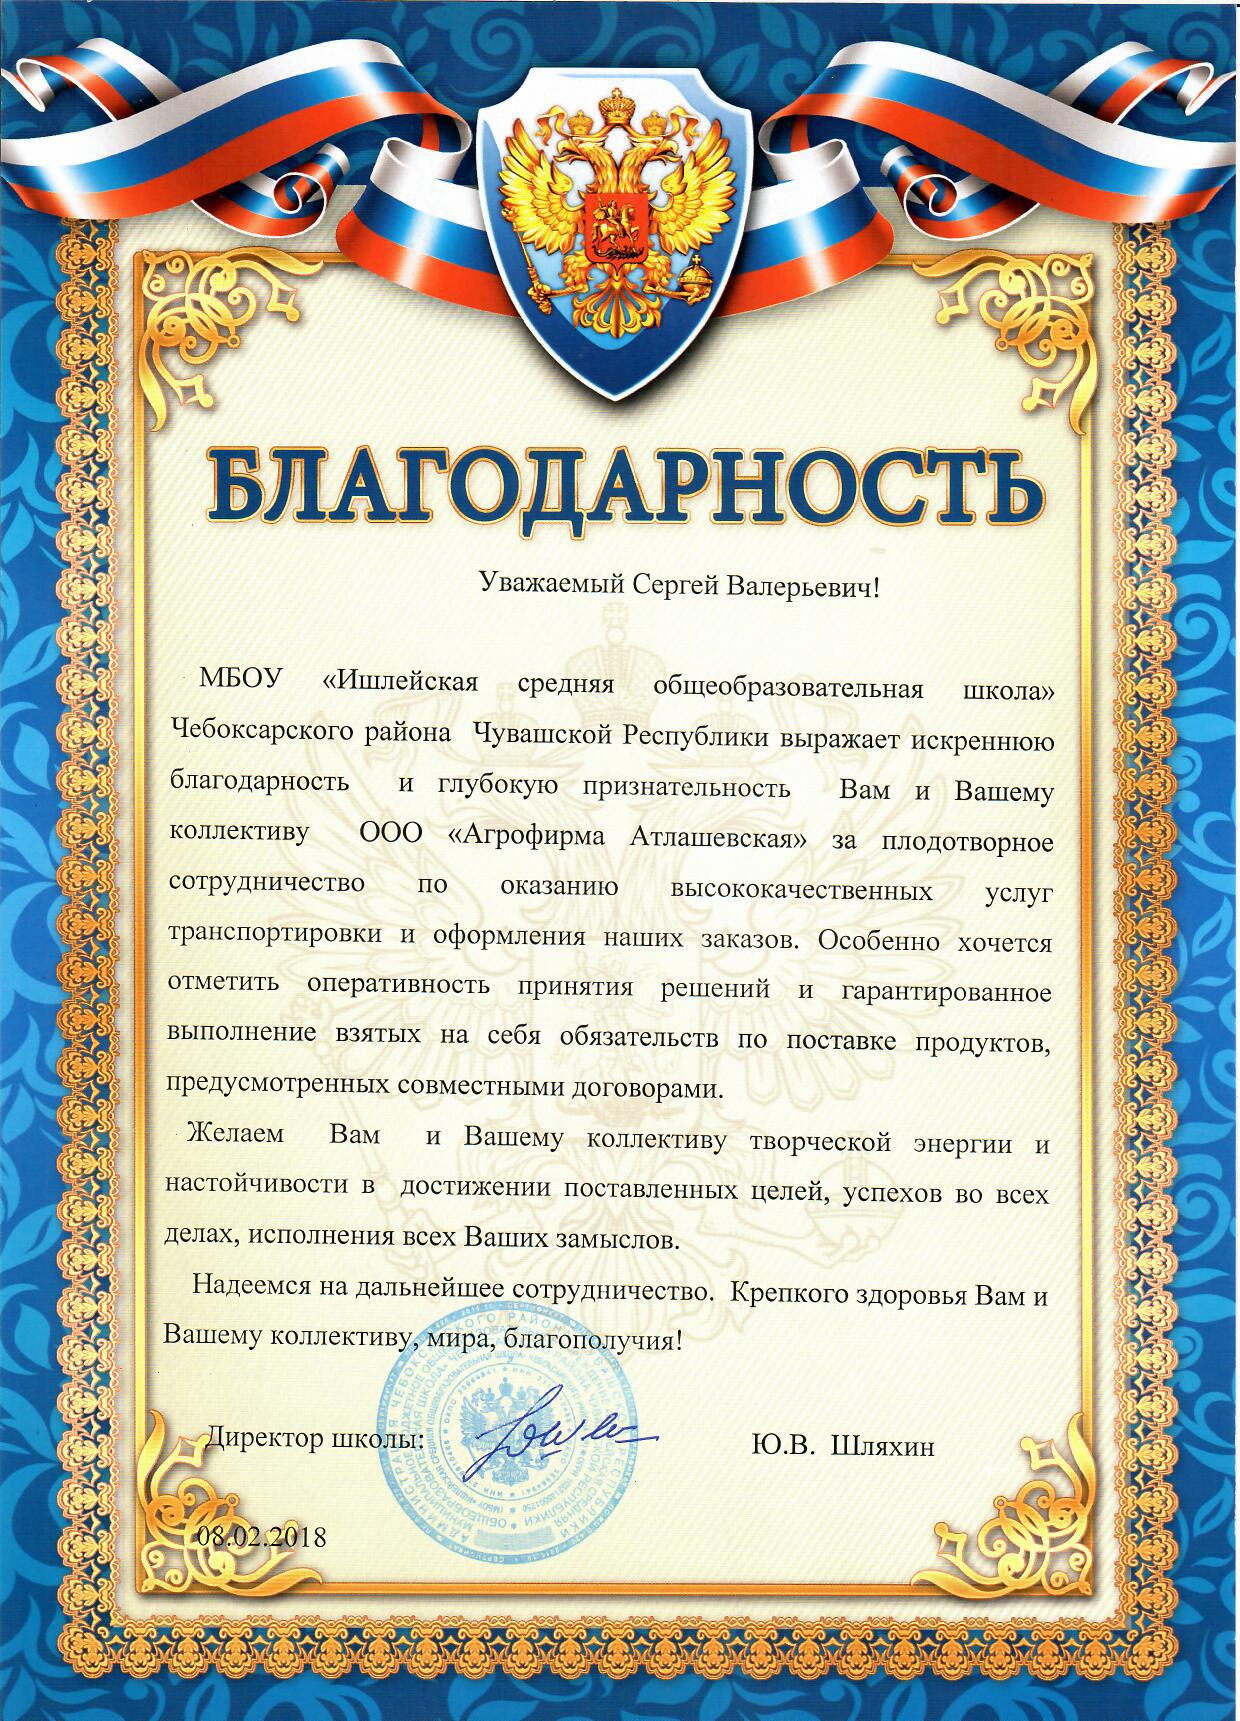 https://static-eu.insales.ru/files/1/5940/4904756/original/Благодарственное_письмо_МБОУ_Ишлейская_СОШ.jpg